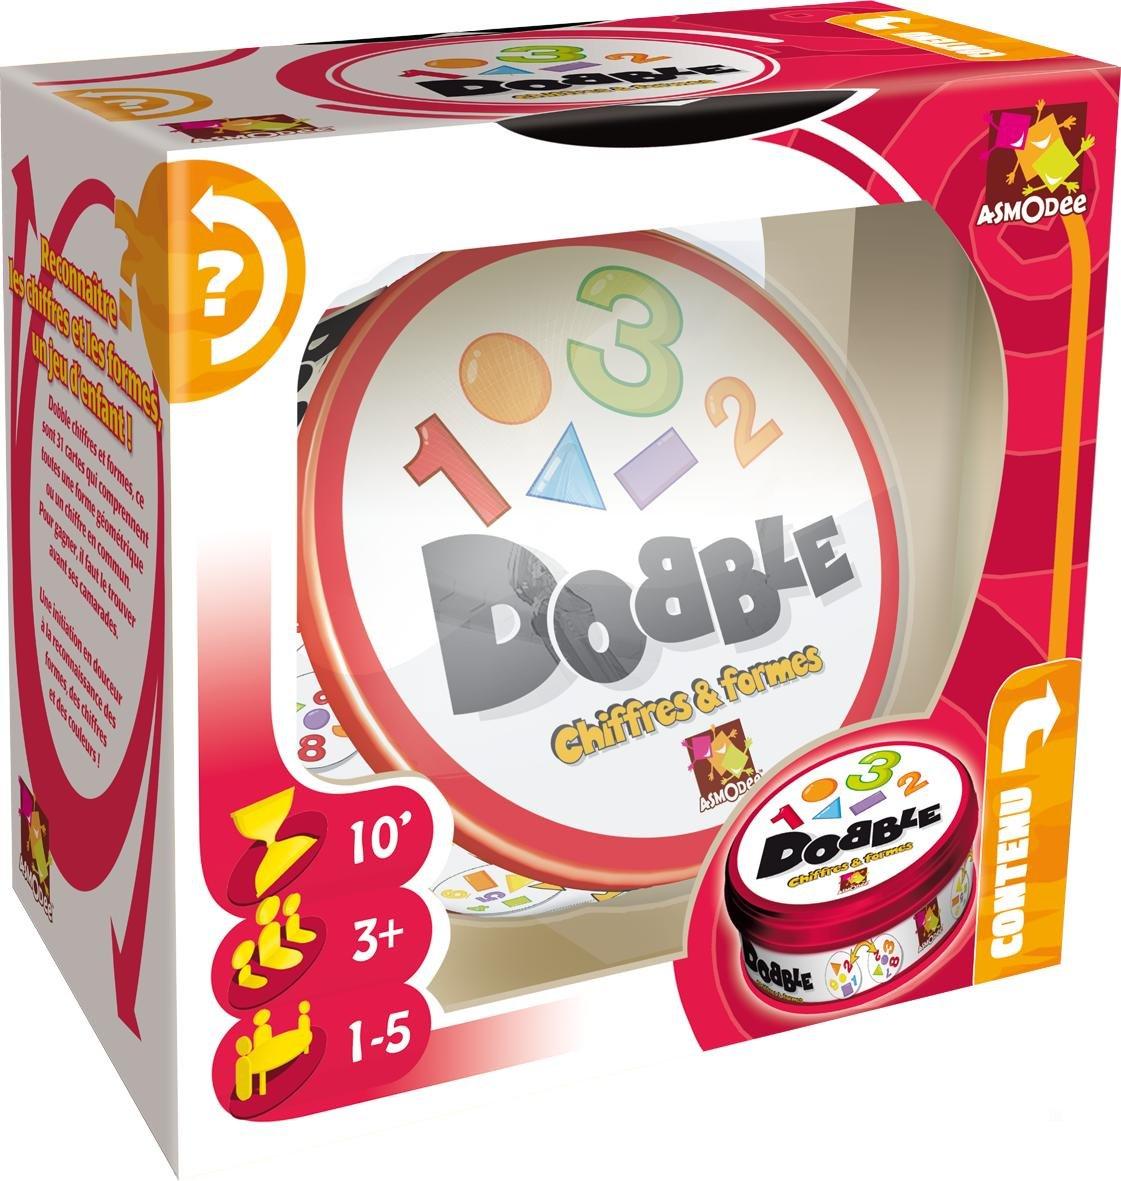 Asmodee Dobble Chiffres et Formes DOCF01N Jeux daction et de r/éflexe